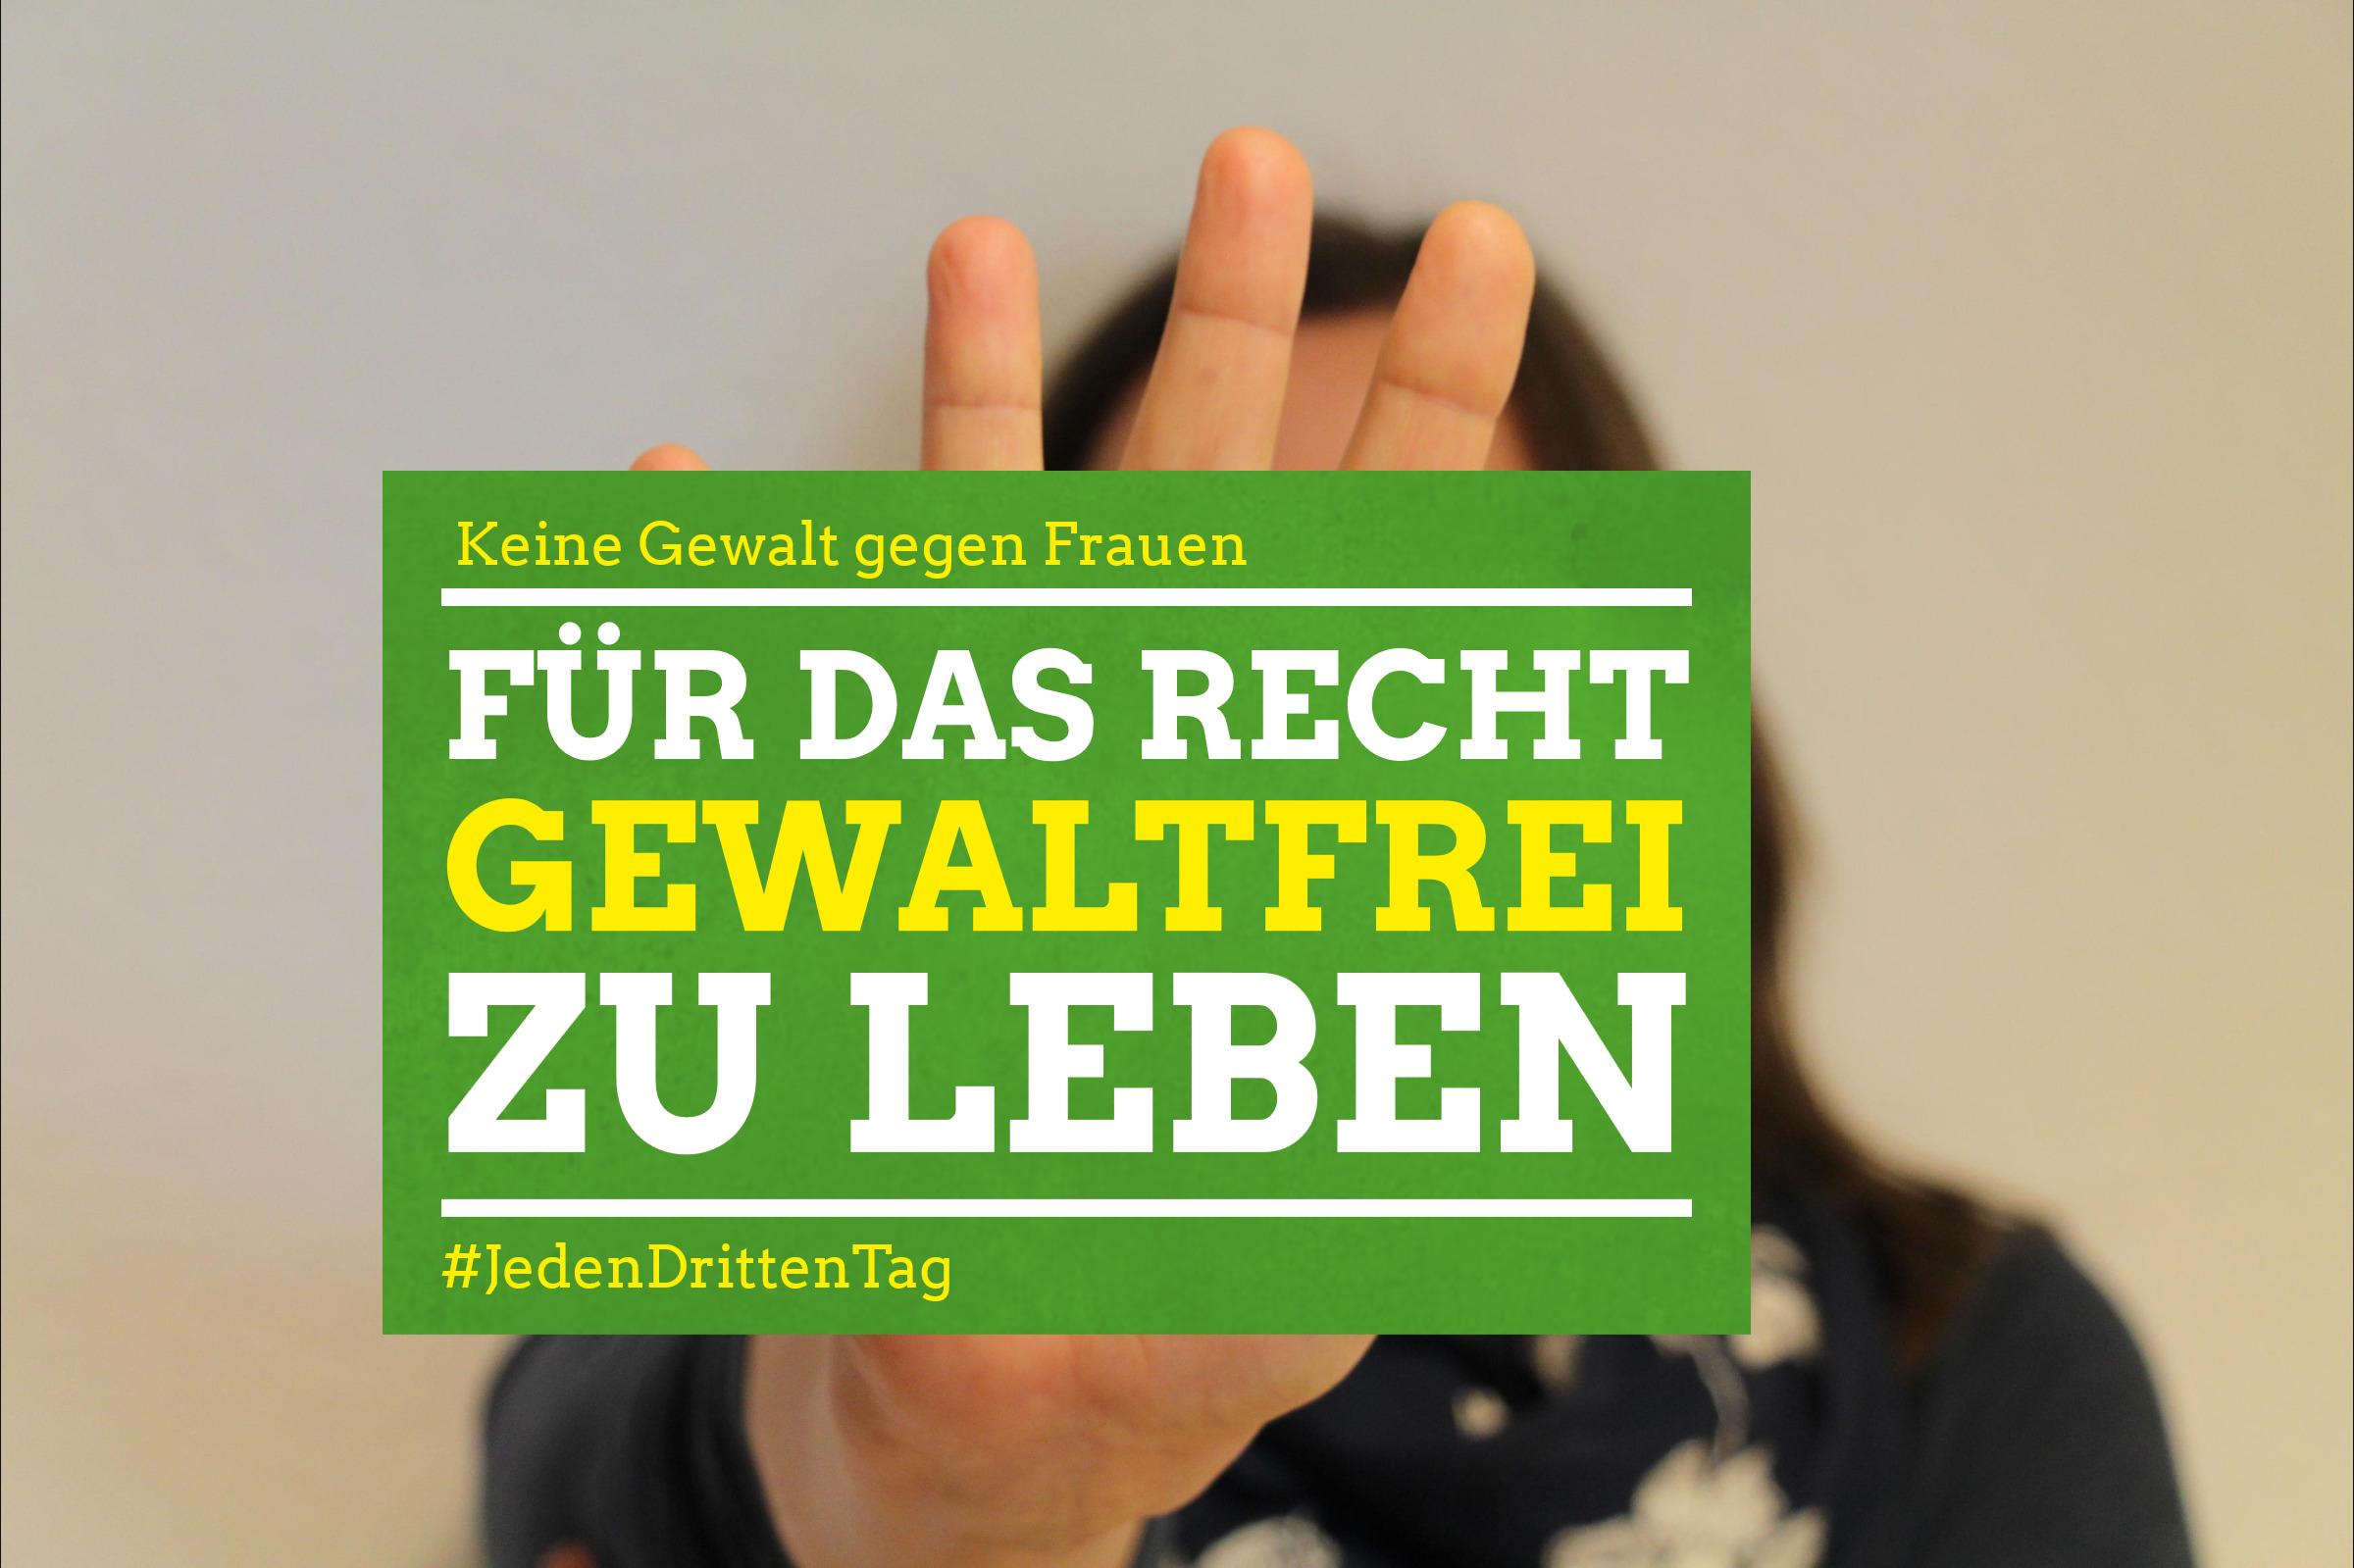 NEIN zu Gewalt gegen Frauen! - Grüne Niedersachsen